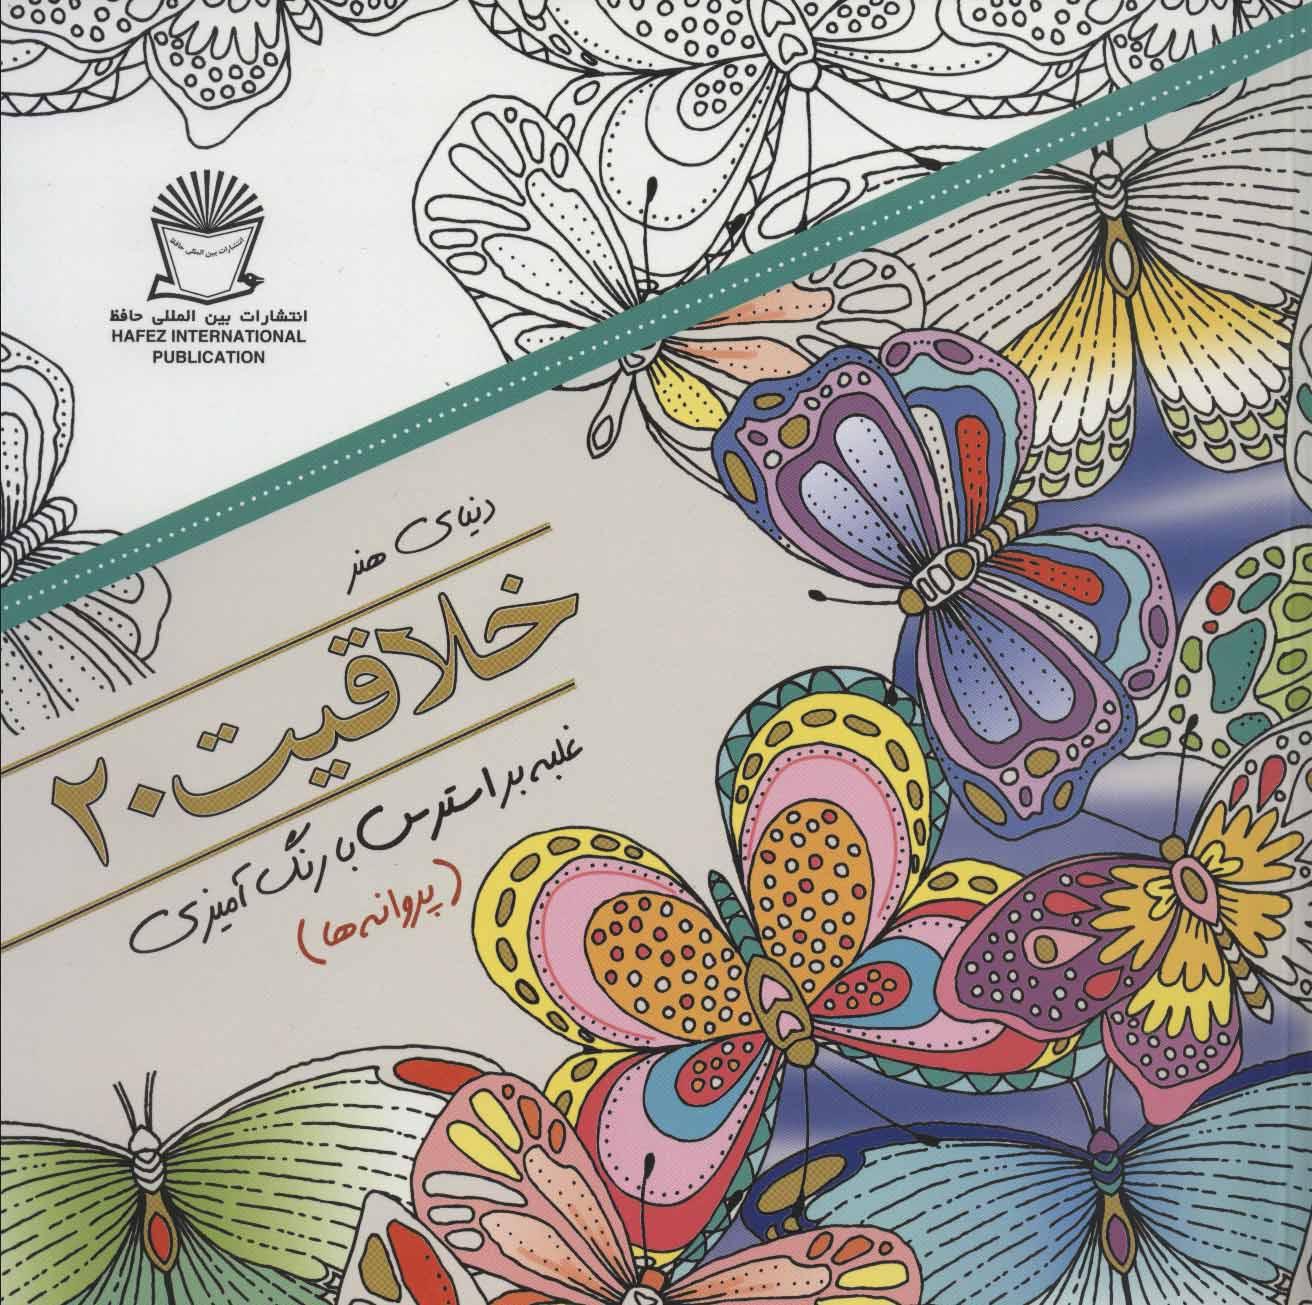 کتاب دنیای هنر خلاقیت ۲۰